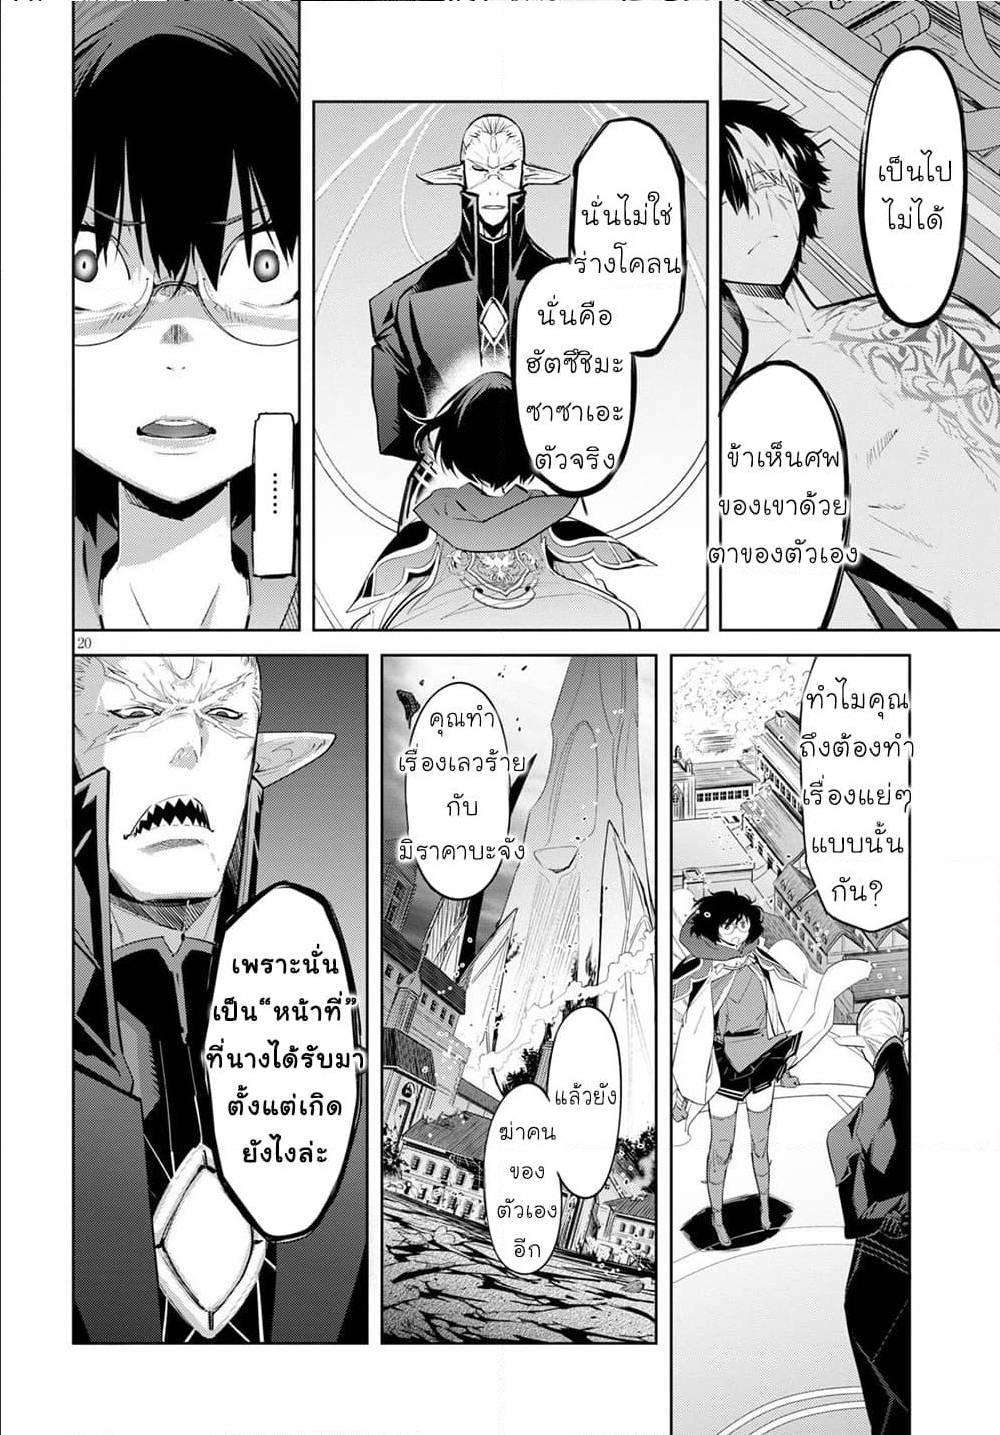 อ่านการ์ตูน Game obu Familia - Family Senki ตอนที่ 29 หน้าที่ 19